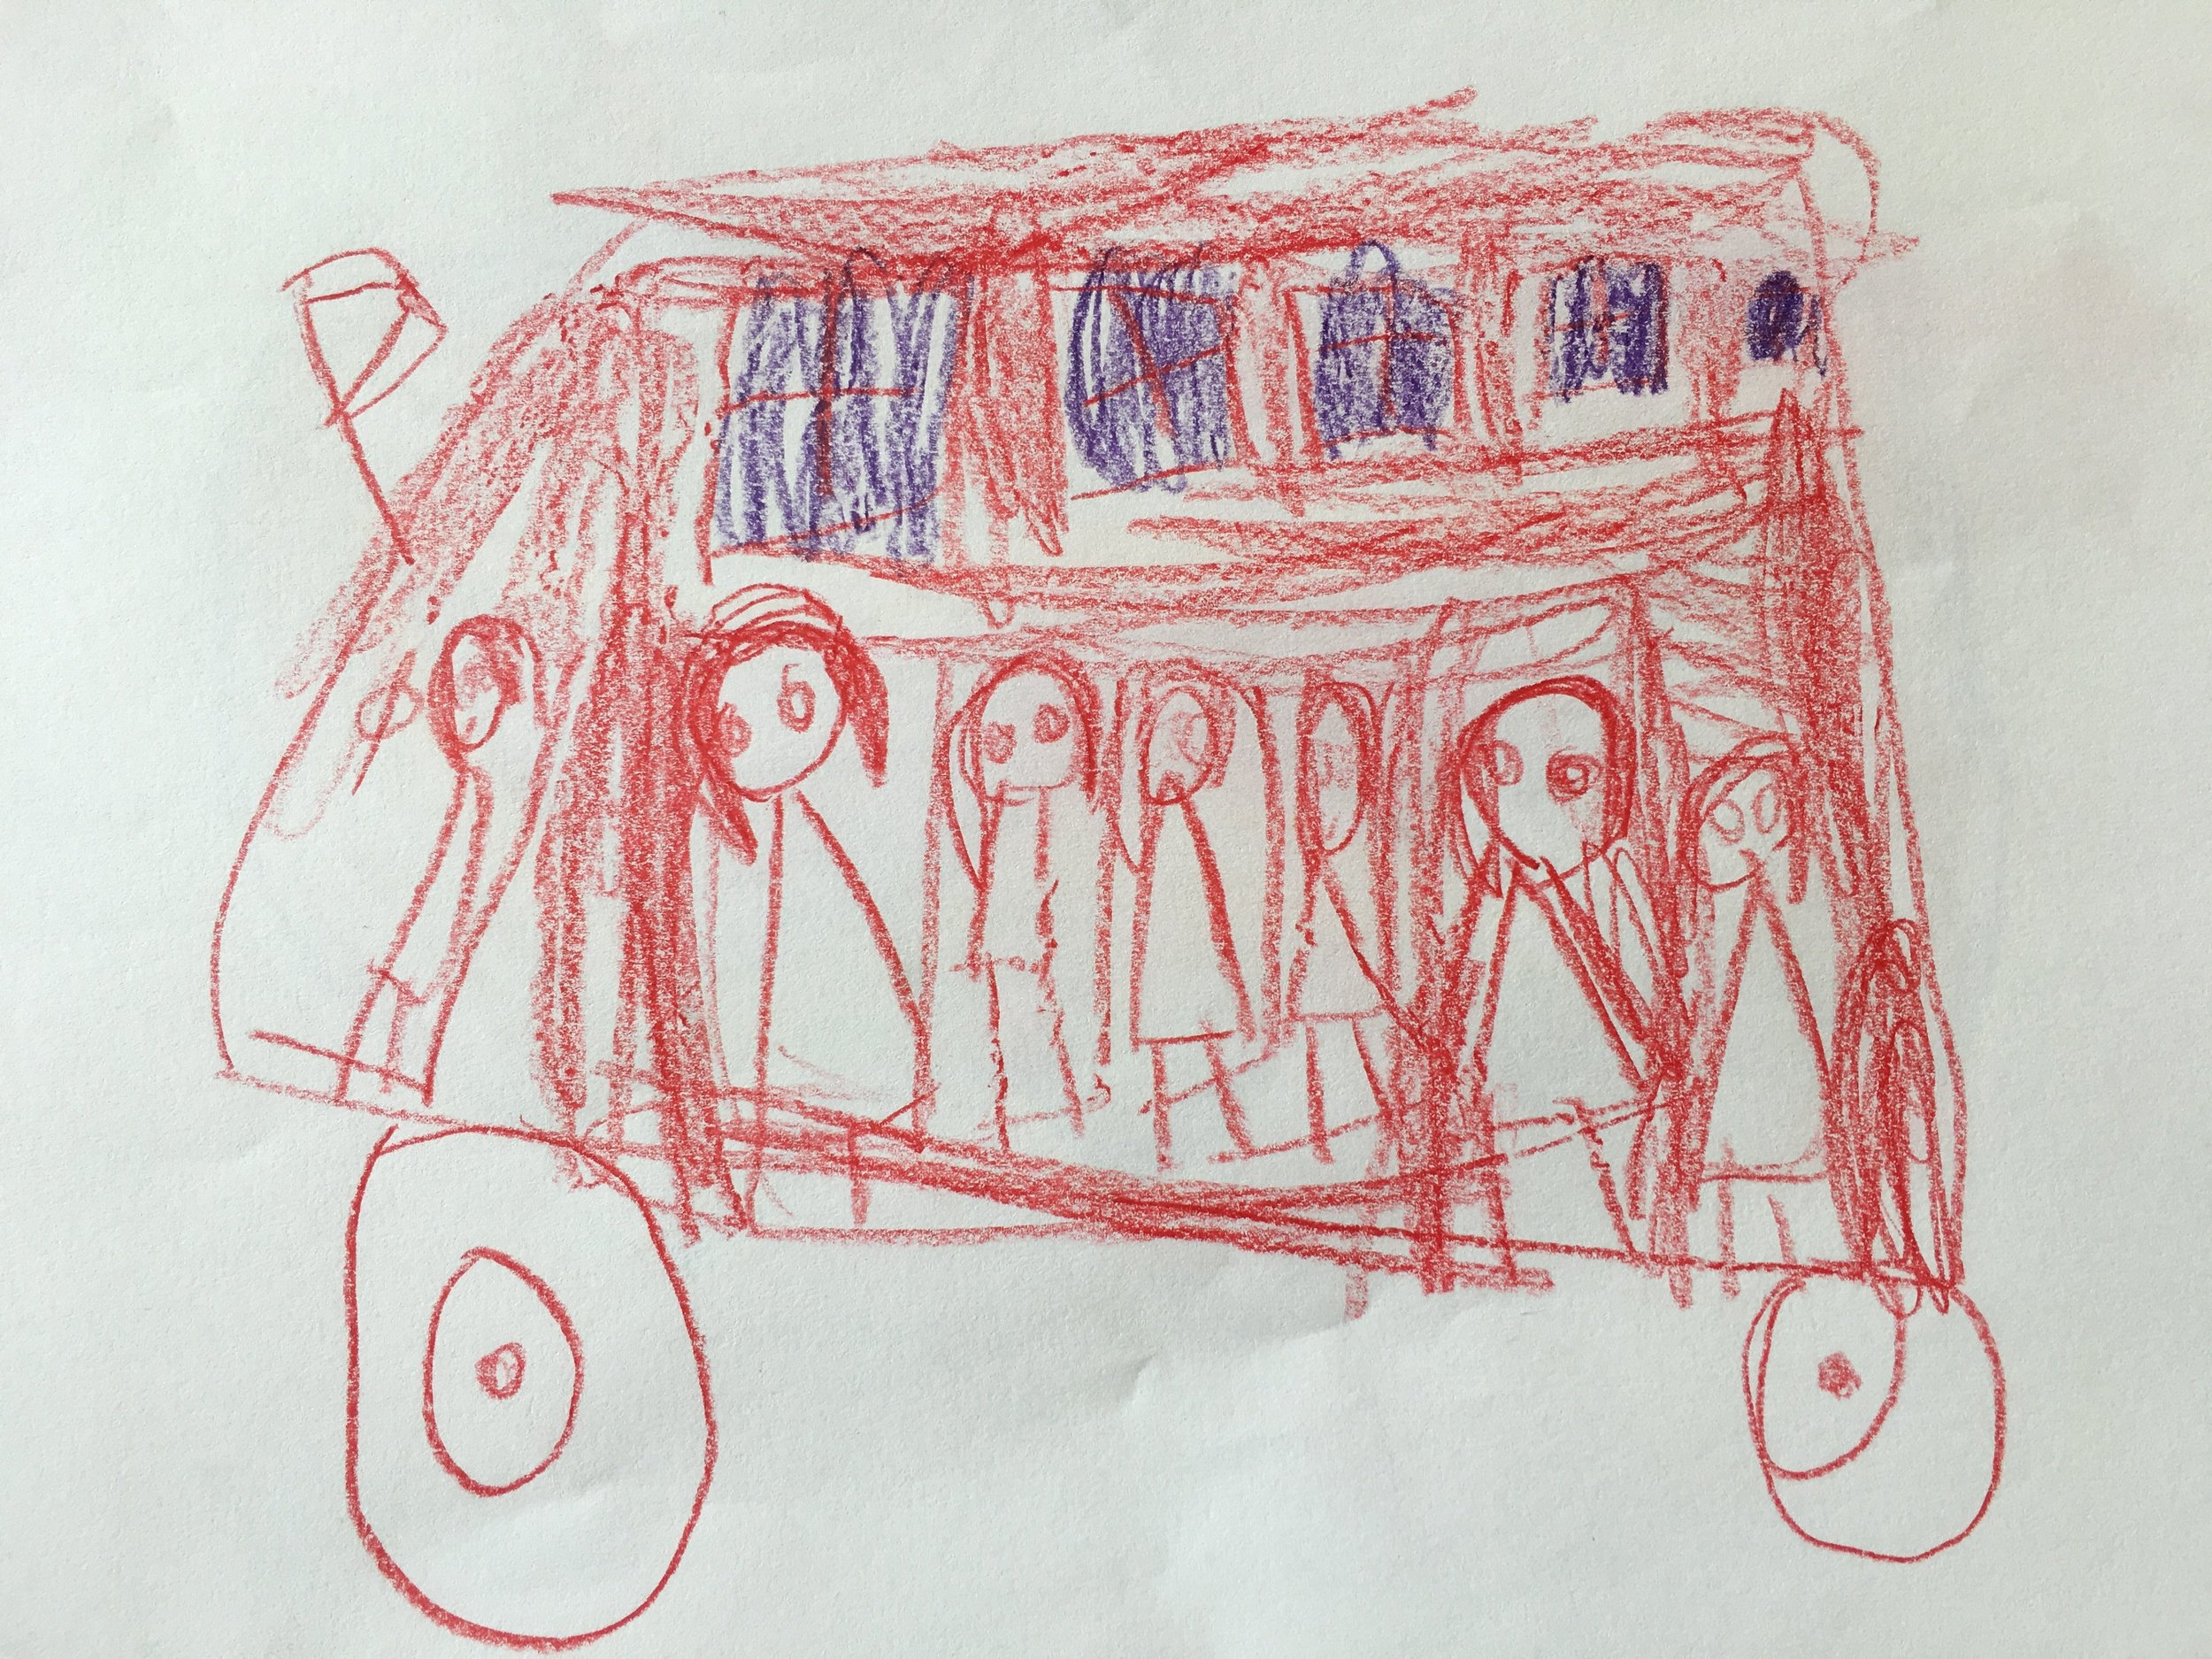 Roter Autobus, Mädchen 4 Jahre, Kindergarten 1180 Wien